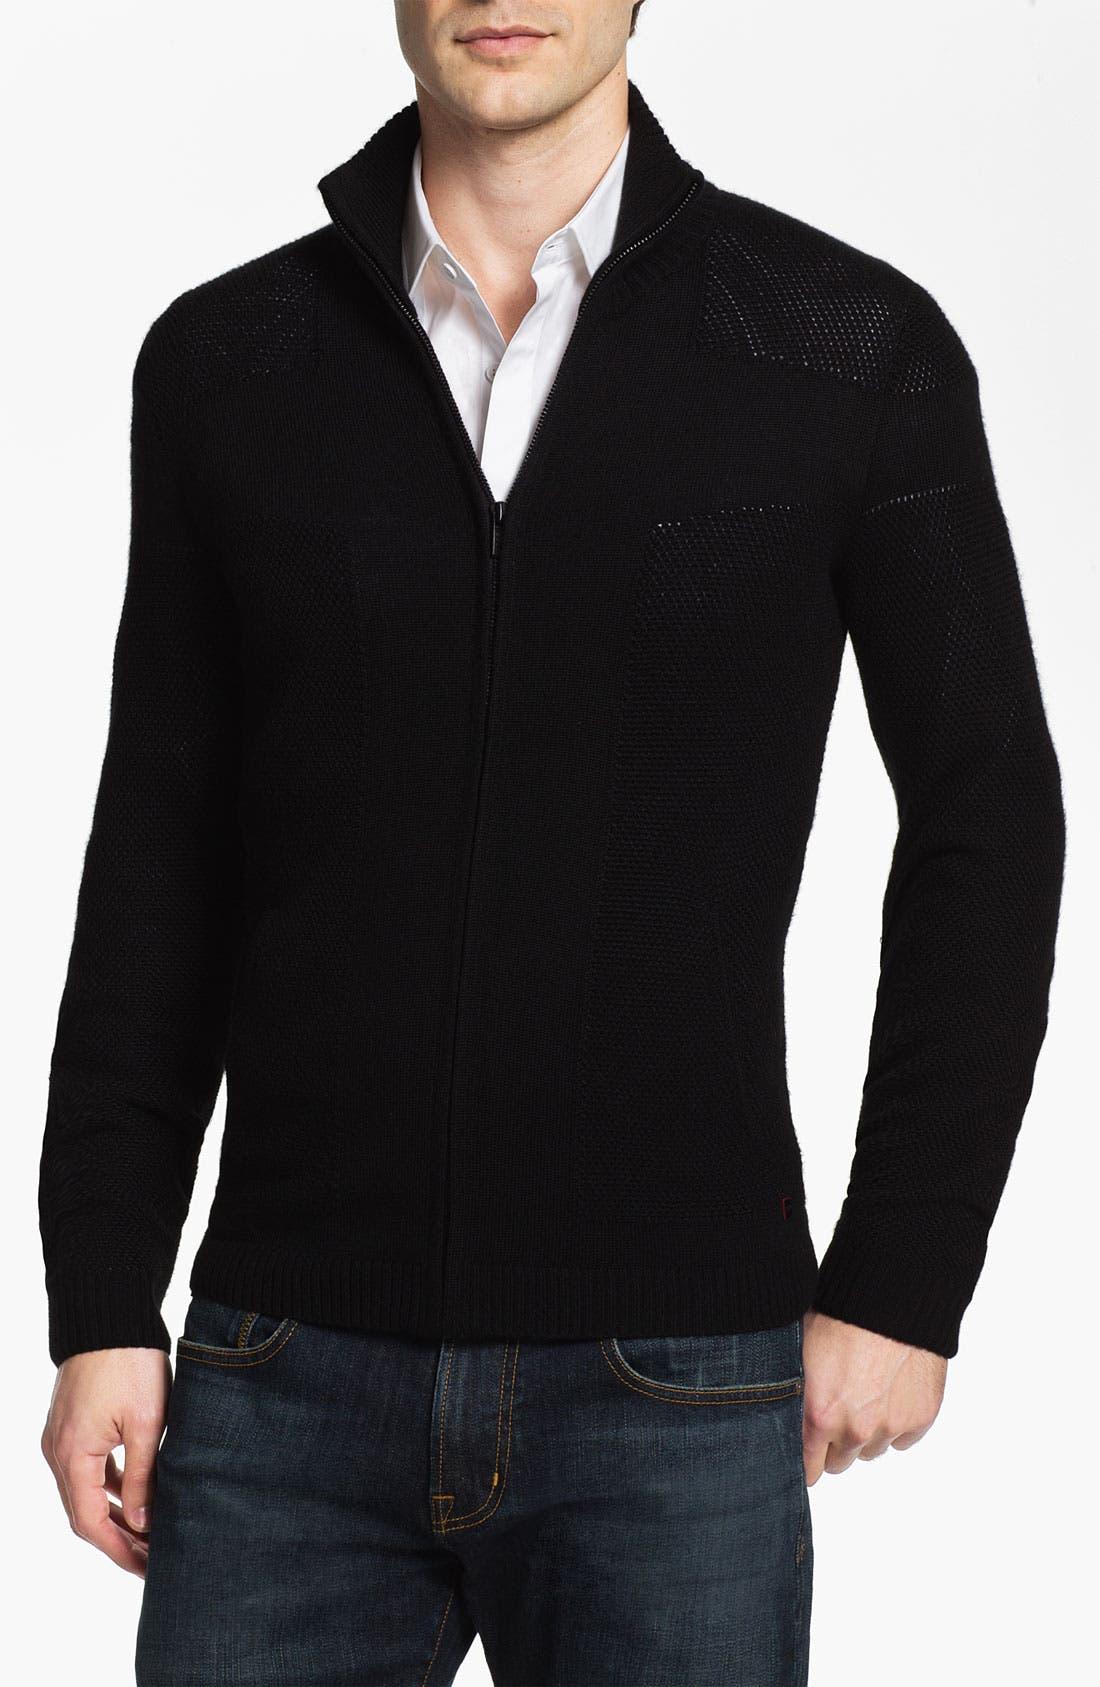 Alternate Image 1 Selected - HUGO 'Singapur' Wool Blend Zip Cardigan